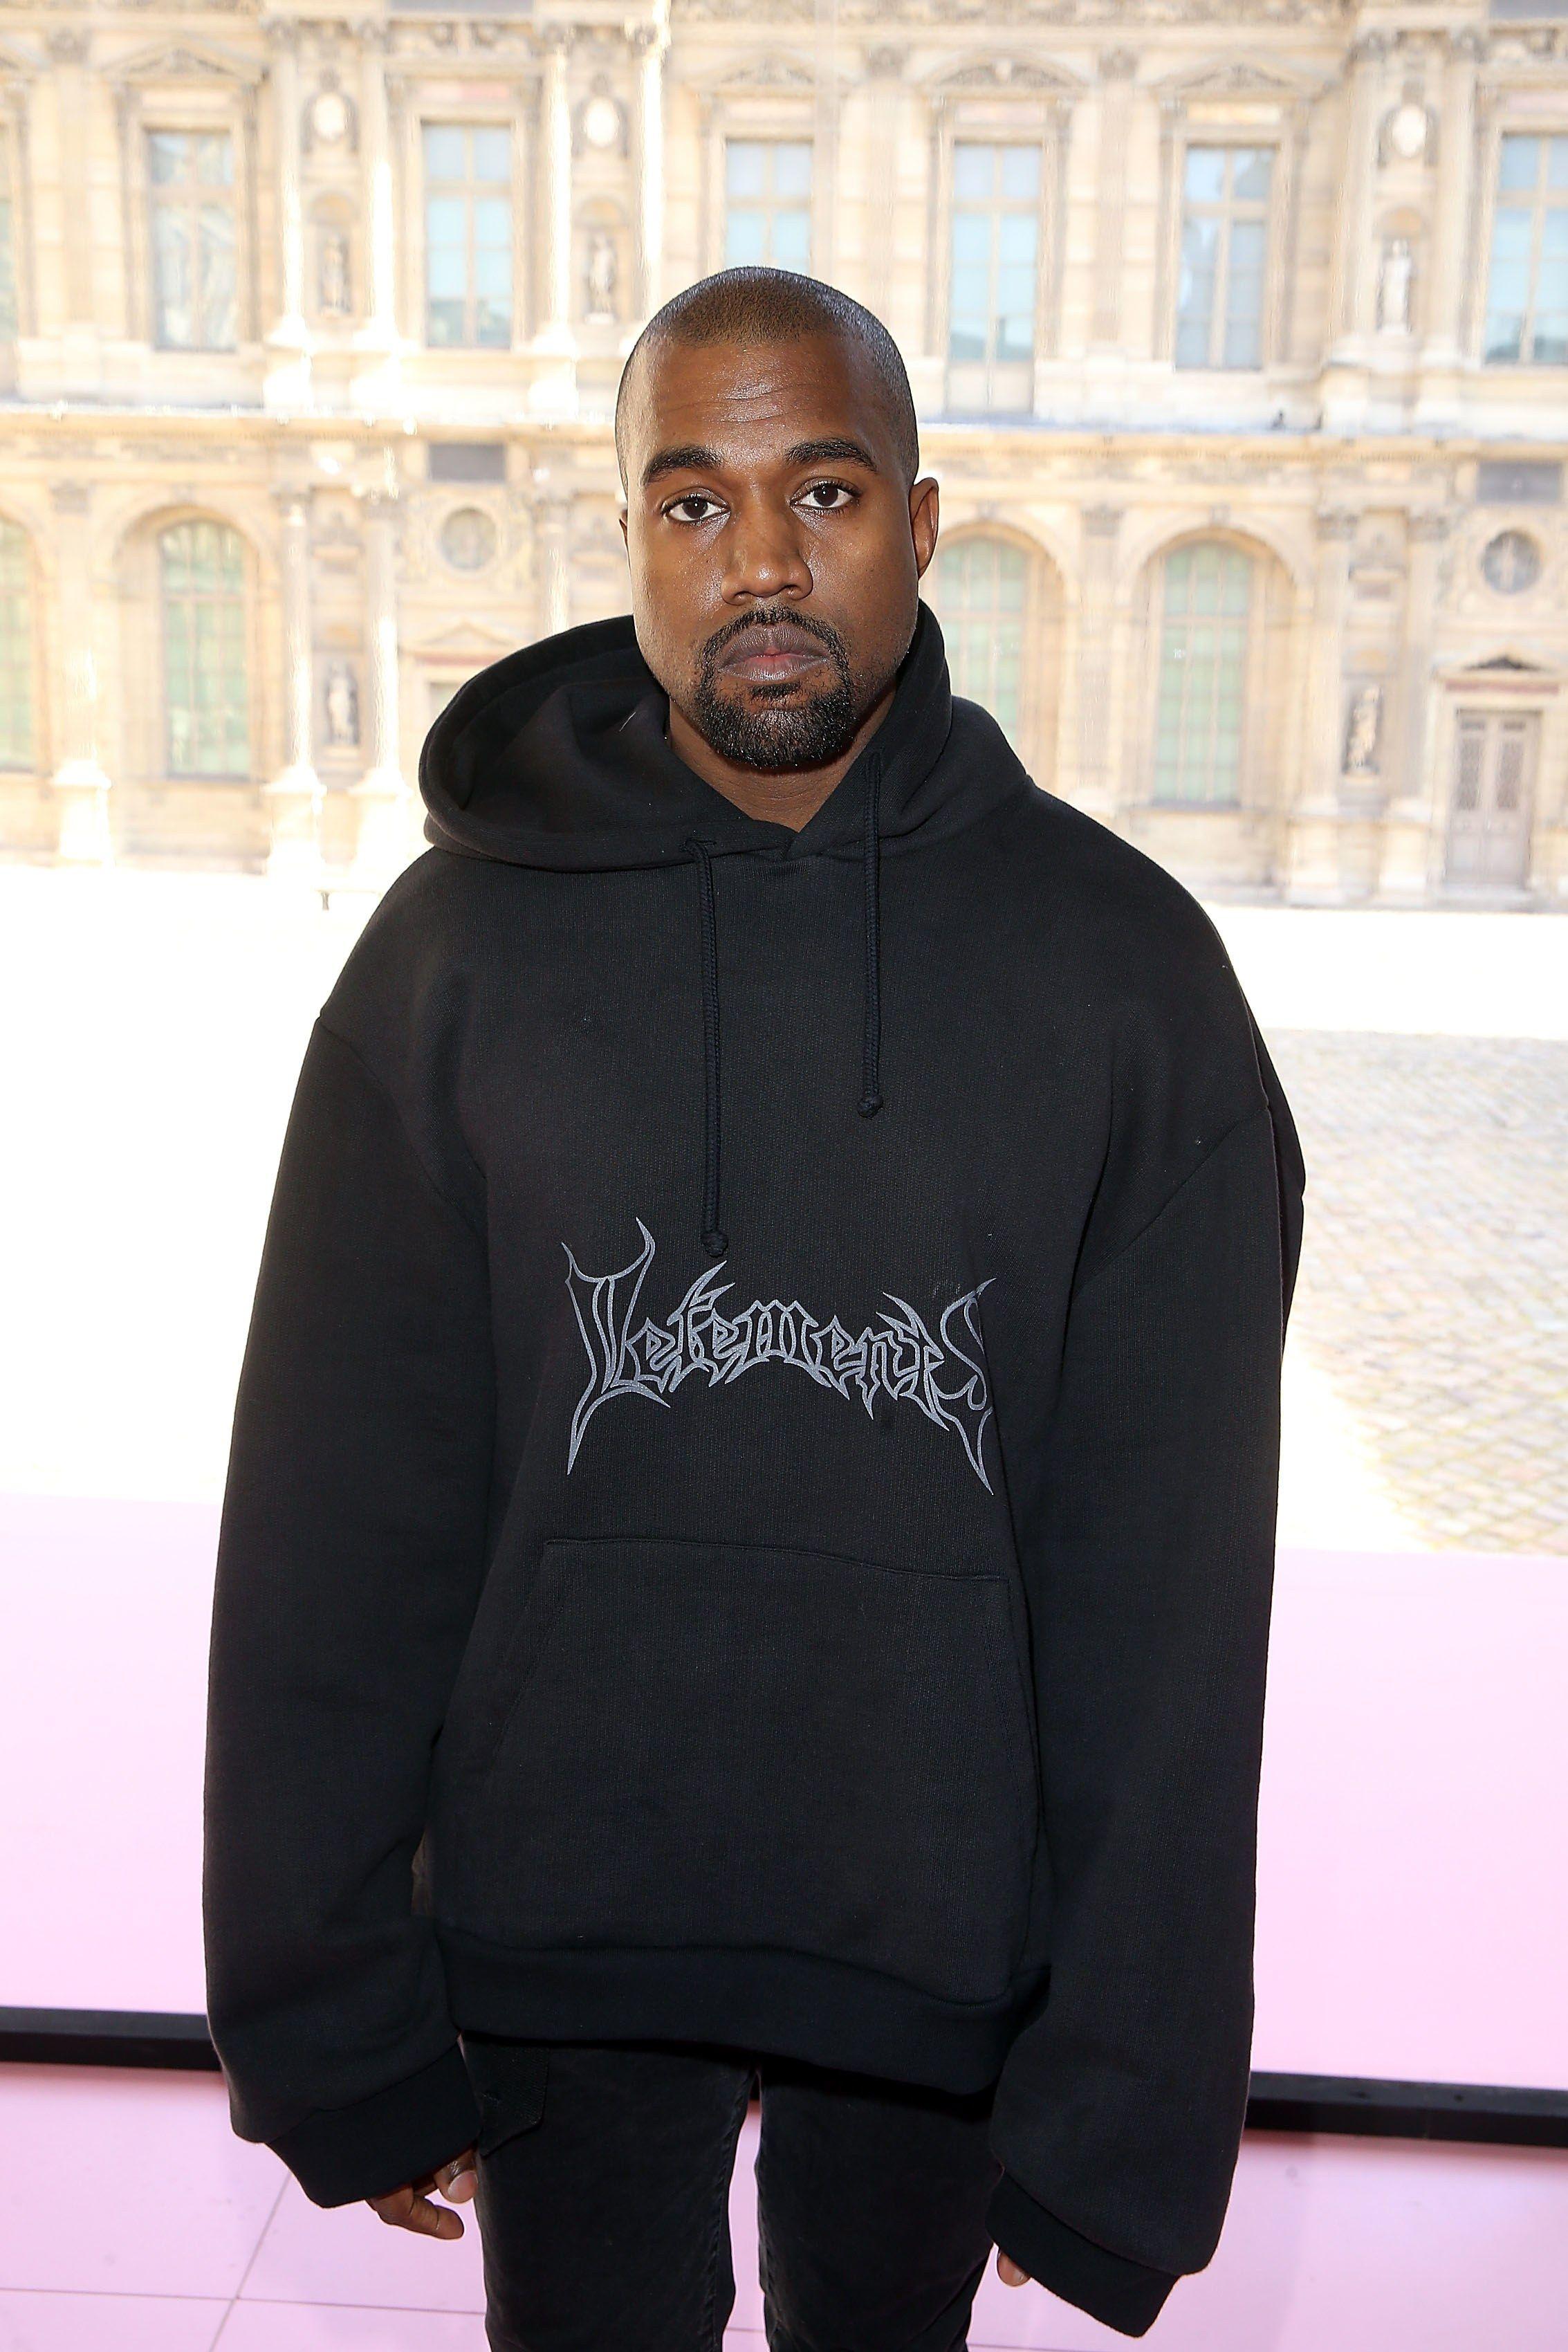 Afbeeldingsresultaat Voor Vetements Hoodie Vetements Hoodie Kanye West Hoodies